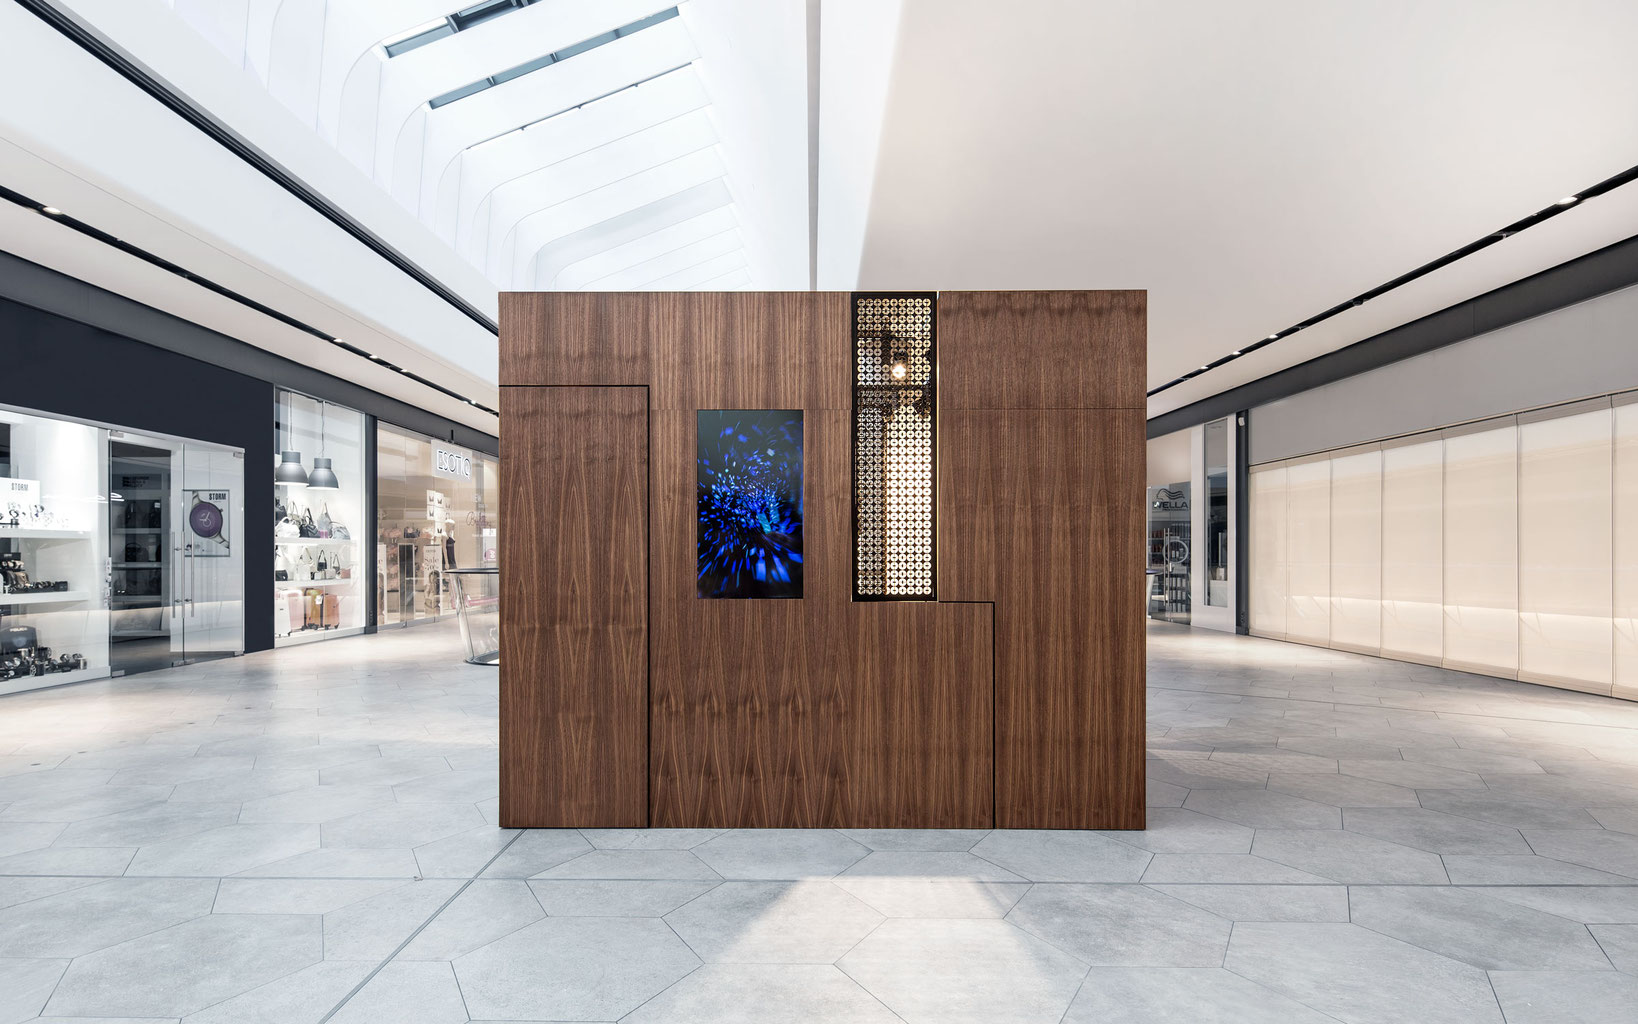 Nachhaltigkeit im fokus freiraumstuttgartneus webseite for Cinema 4d innenarchitektur